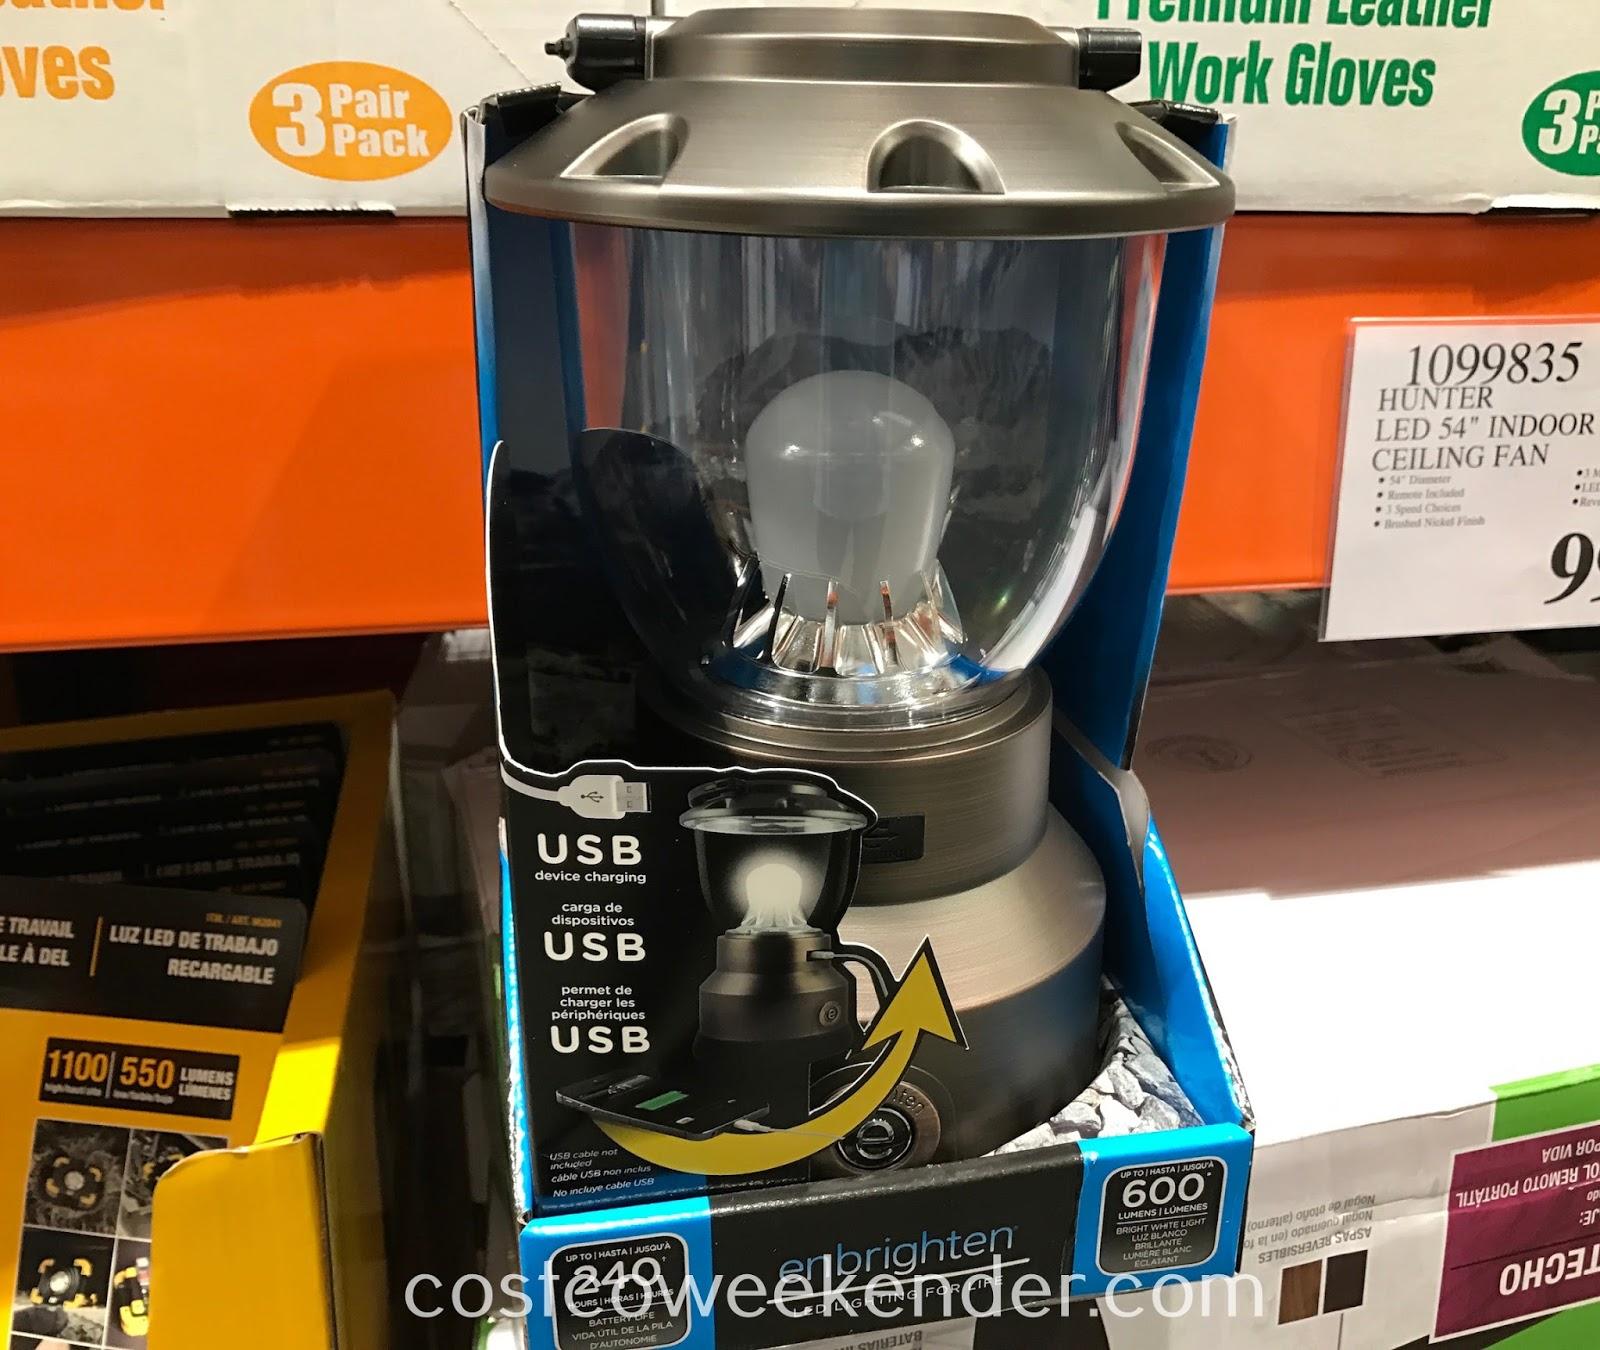 enbrighten led lantern costco weekender rh costcoweekender com